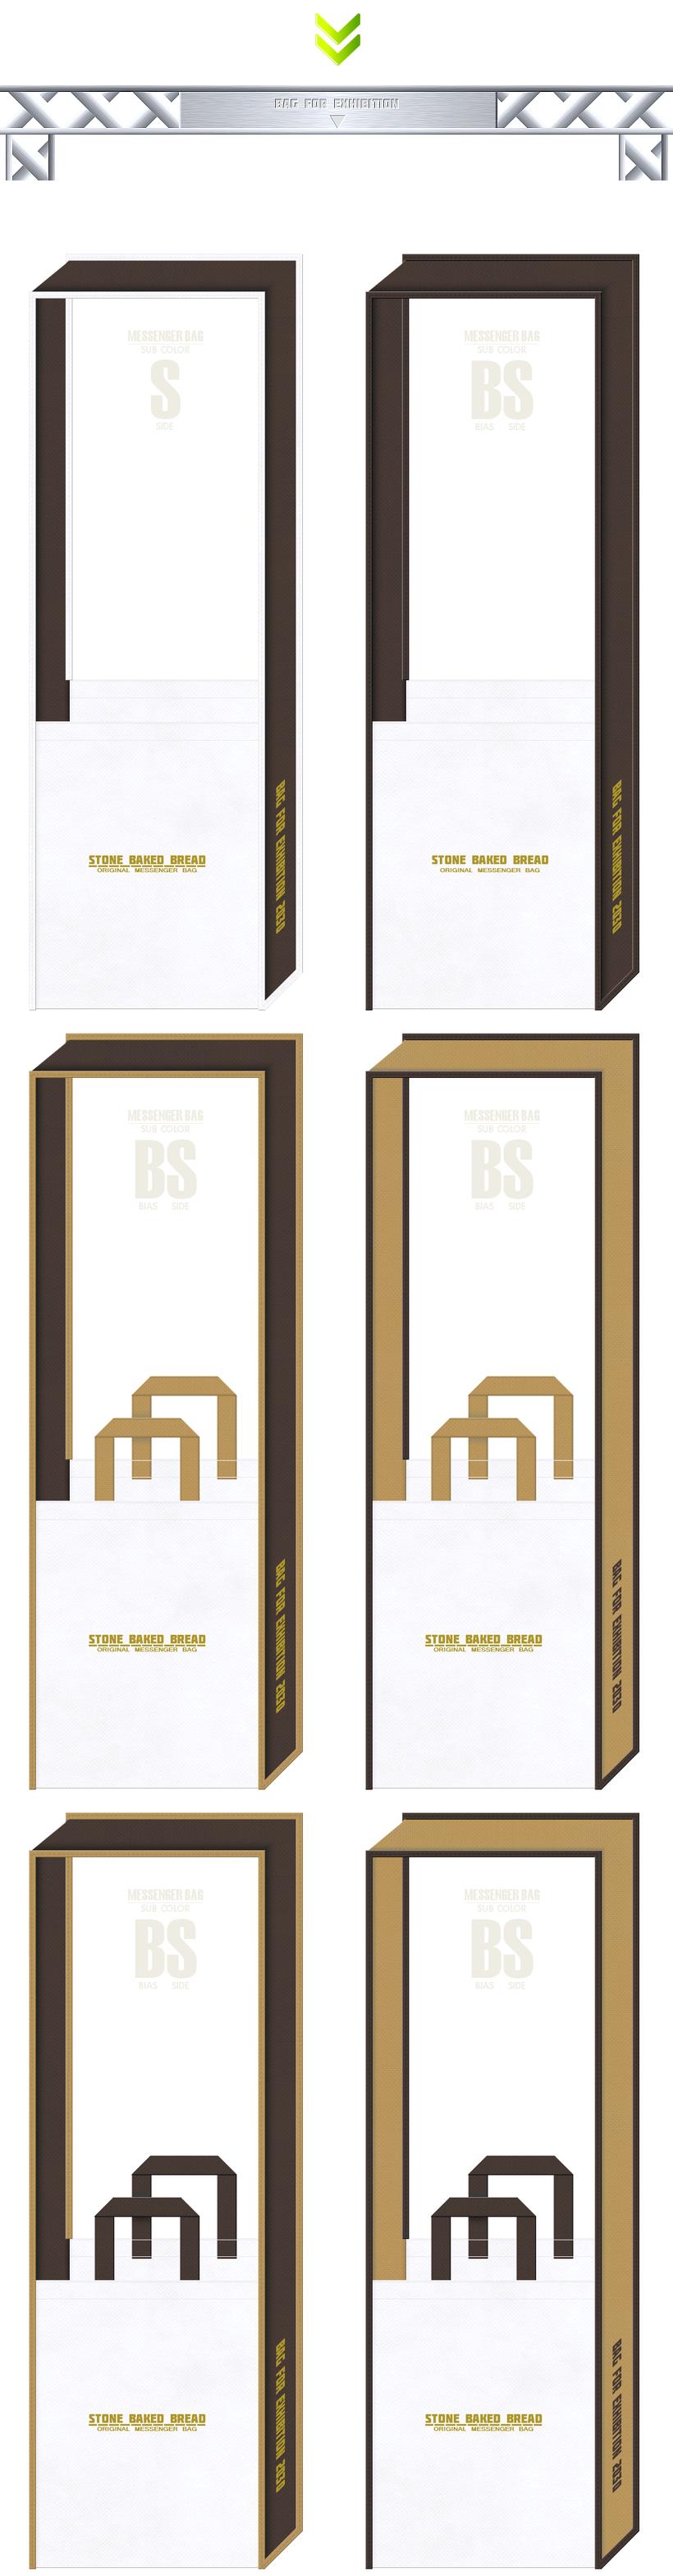 白色とこげ茶色をメインに使用した、不織布メッセンジャーバッグのカラーシミュレーション(石釜パン):食の見本市・ベーカリーの展示会用バッグ